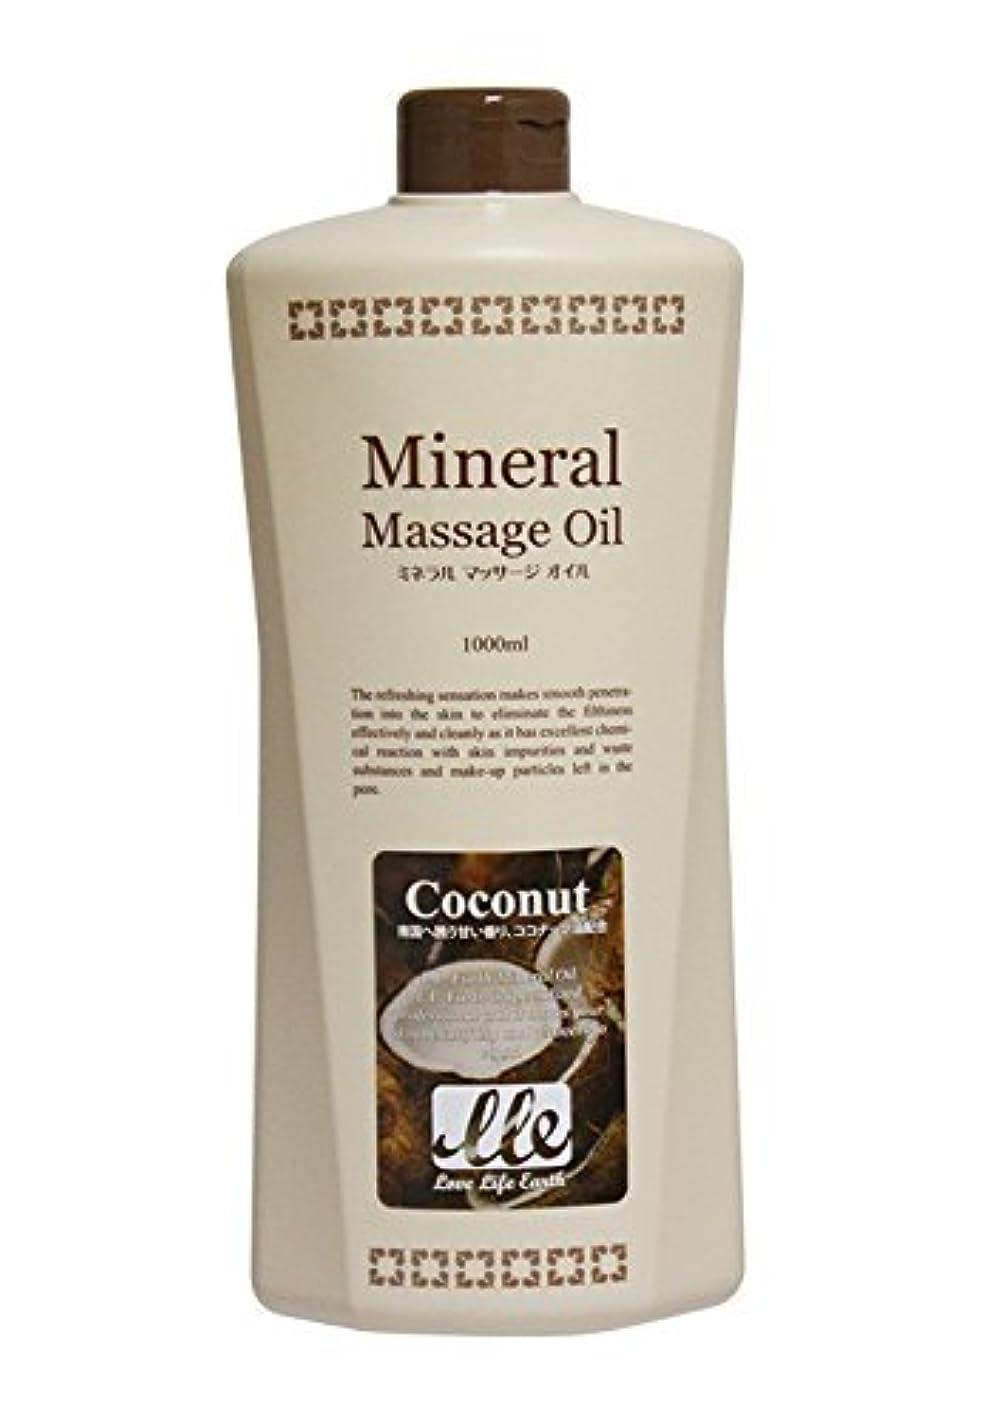 遮る脇にセンチメートルLLE 業務用 ミネラル マッサージオイル [香り5種] (ボディ用) ココナッツ1L